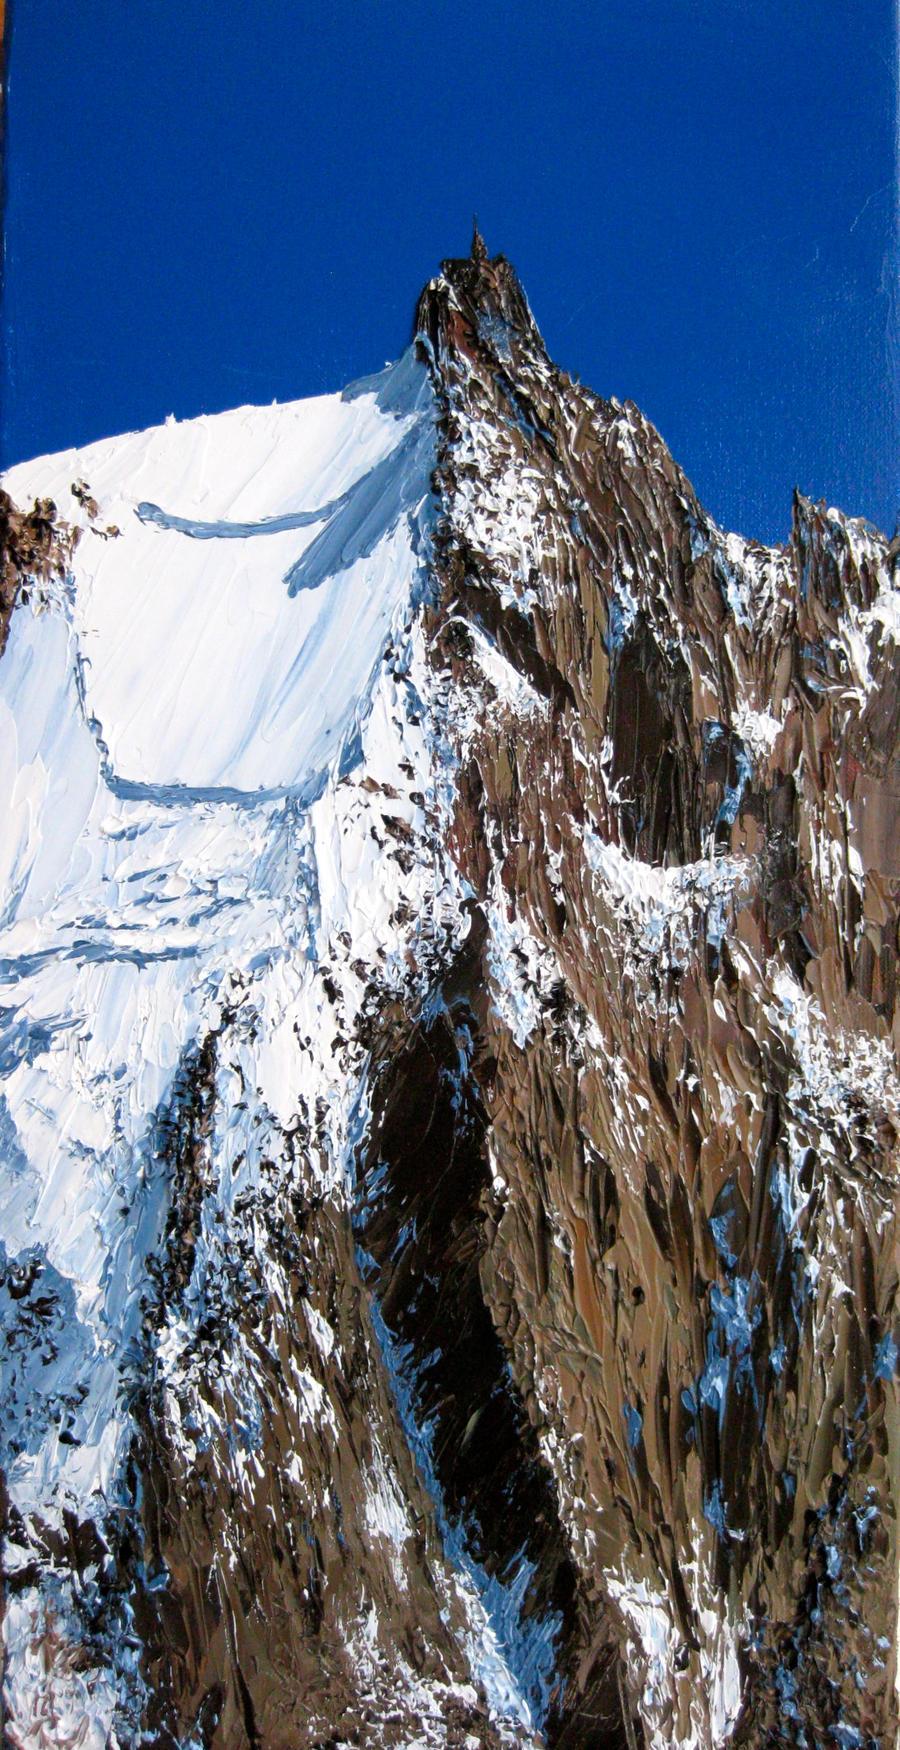 Aiguille du Midi by S-NOBLE